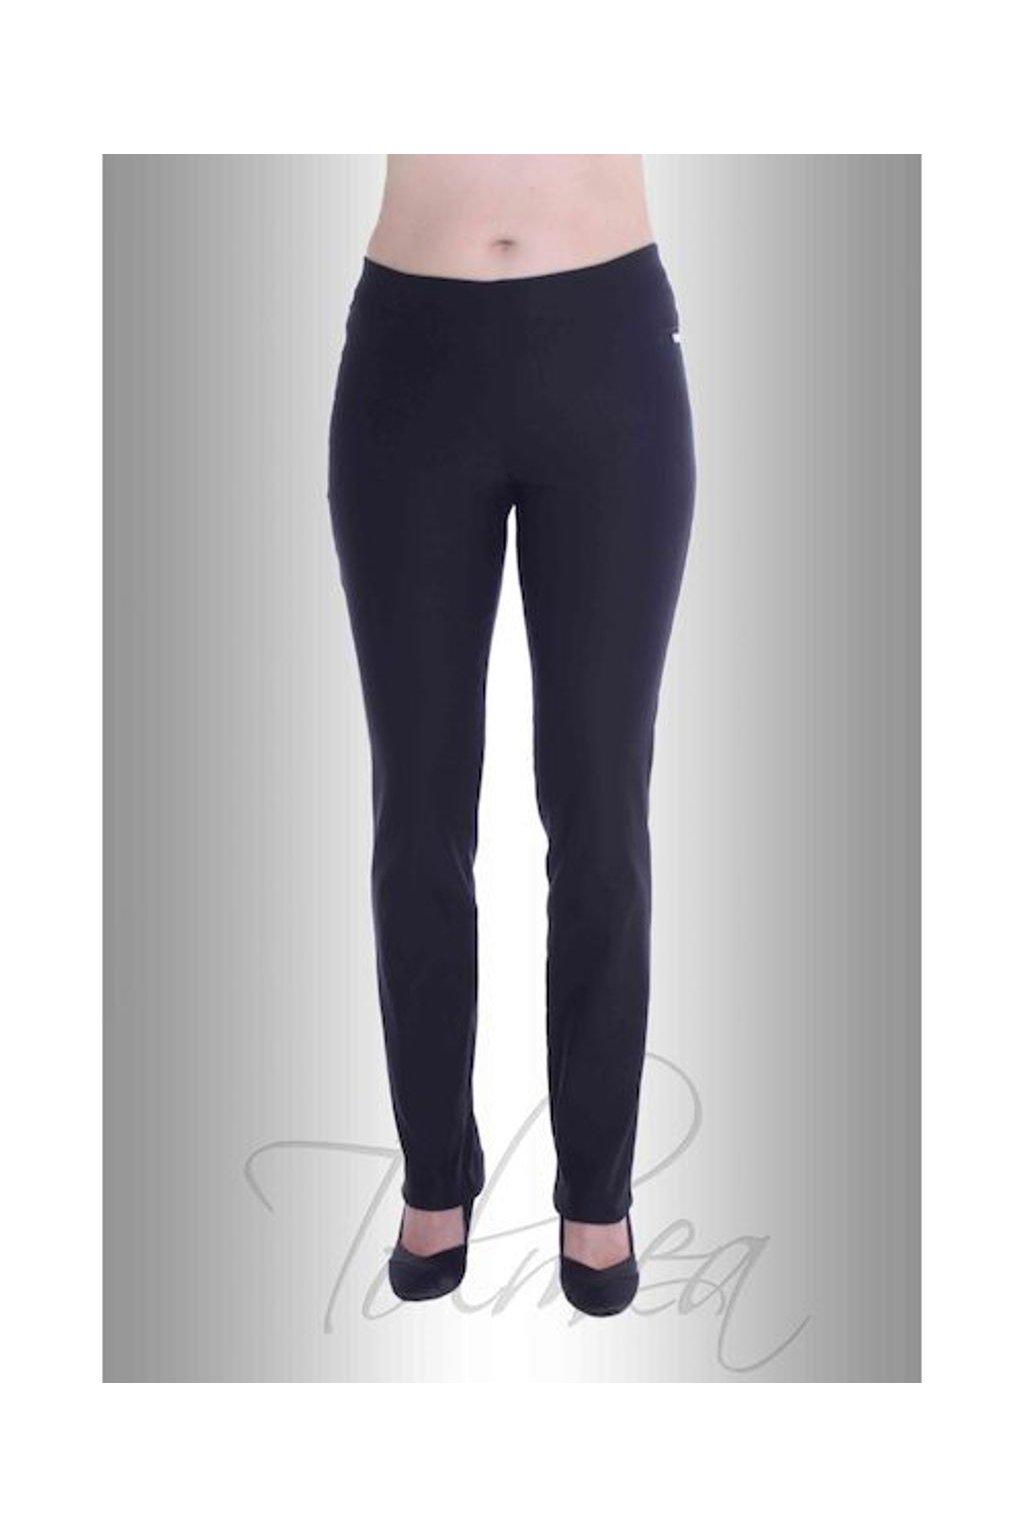 Kalhoty elastické džegíny 51T černá (Velikost 36, Barva Černá)